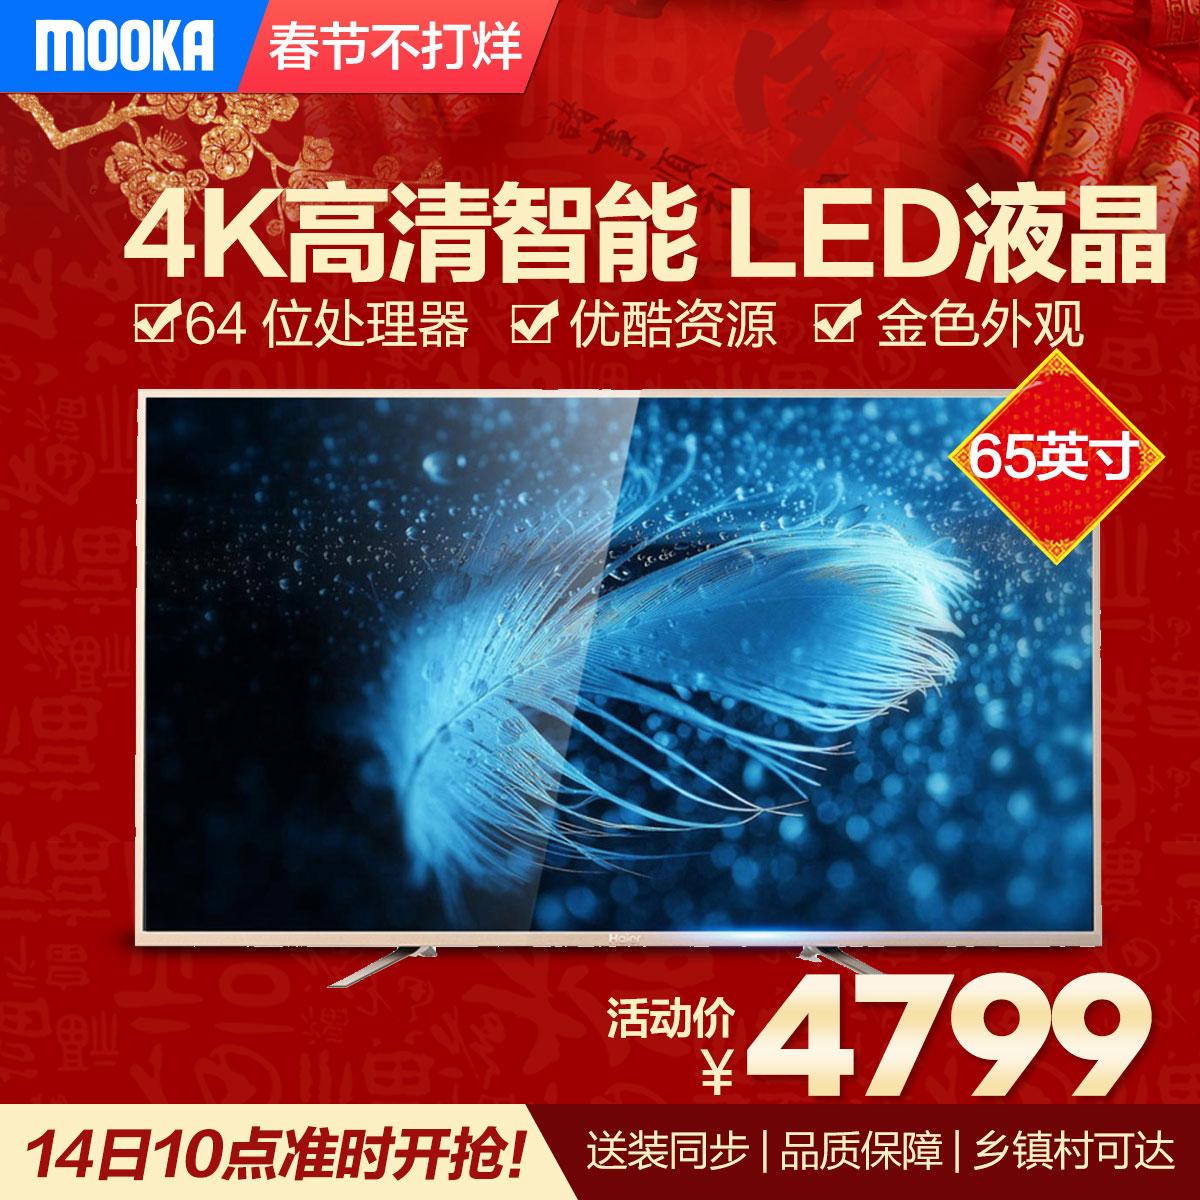 65英寸4K高清智能网络LED液晶平板电视机 4K高清 64位处理器 优酷资源 金色外观 LS65A51